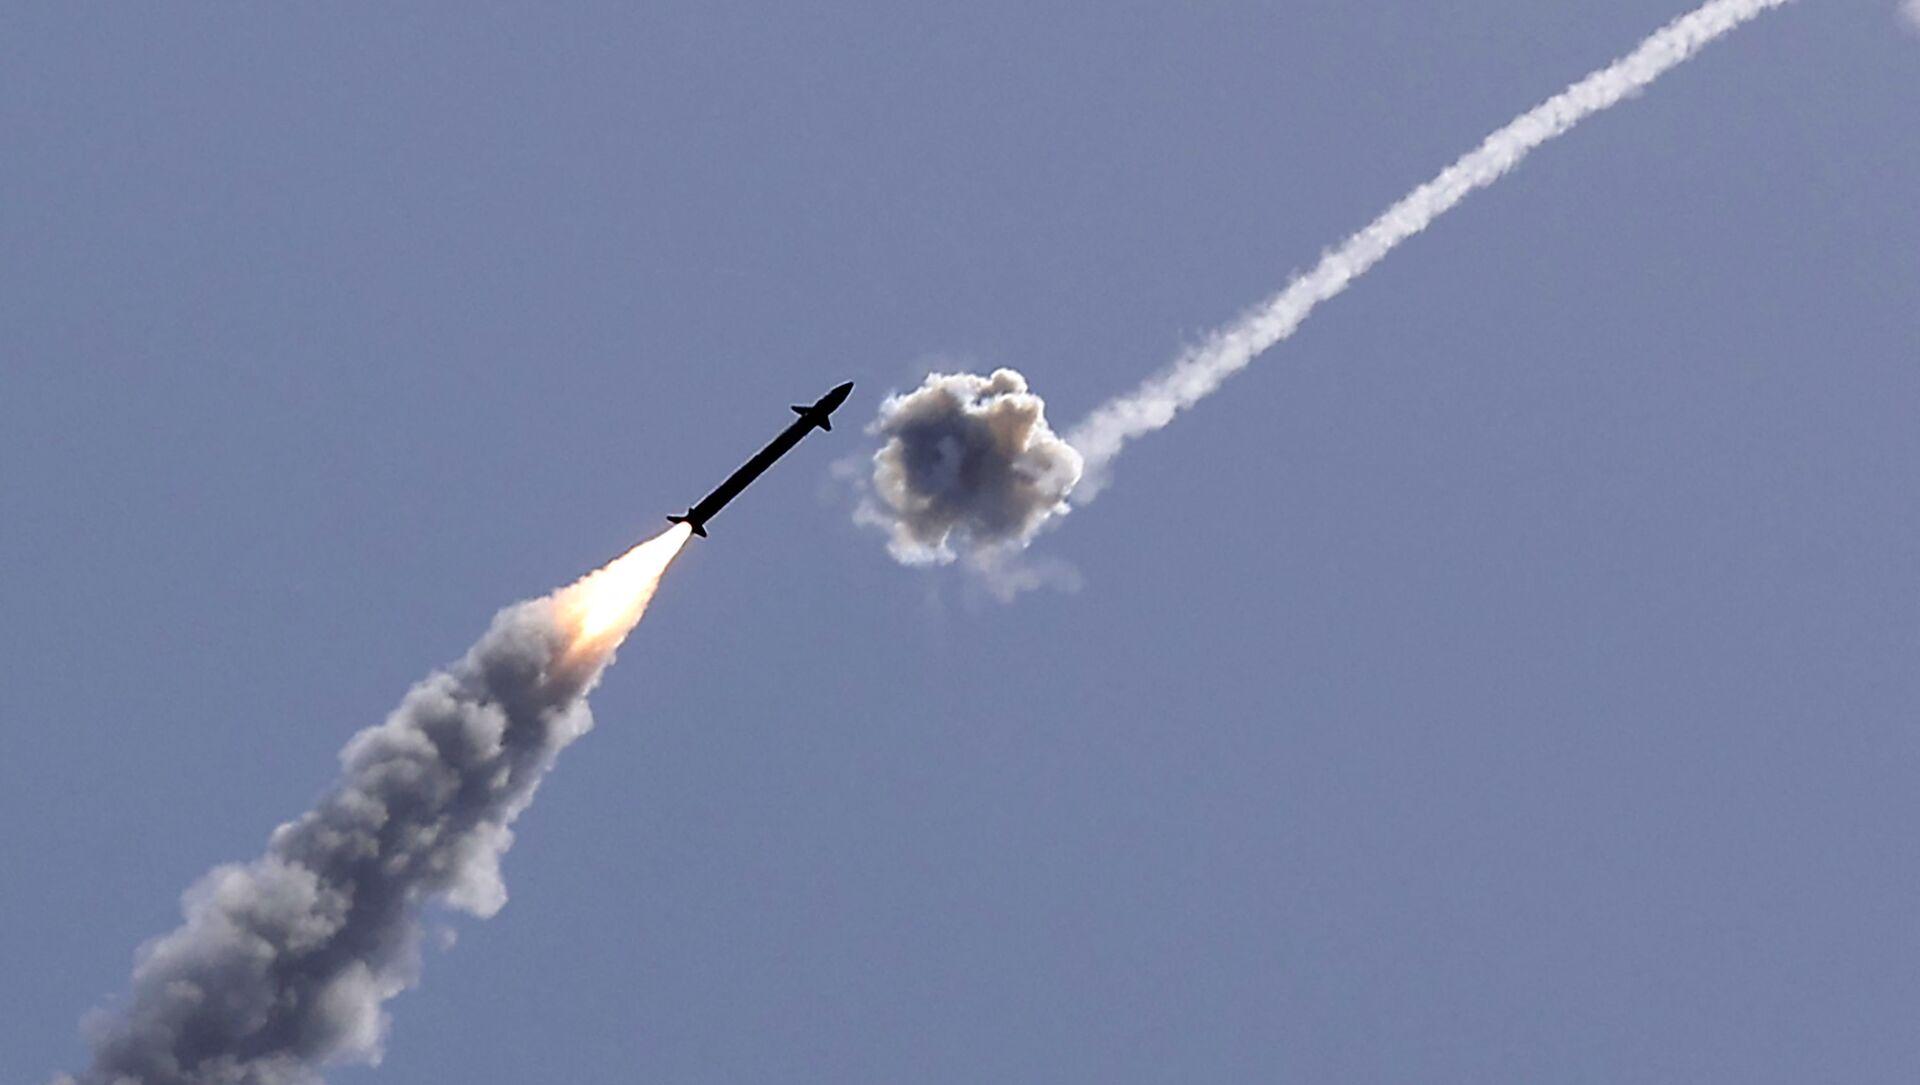 米国 イスラエルに800億円相当の精密誘導兵器を納入へ=ワシントン・ポスト - Sputnik 日本, 1920, 17.05.2021